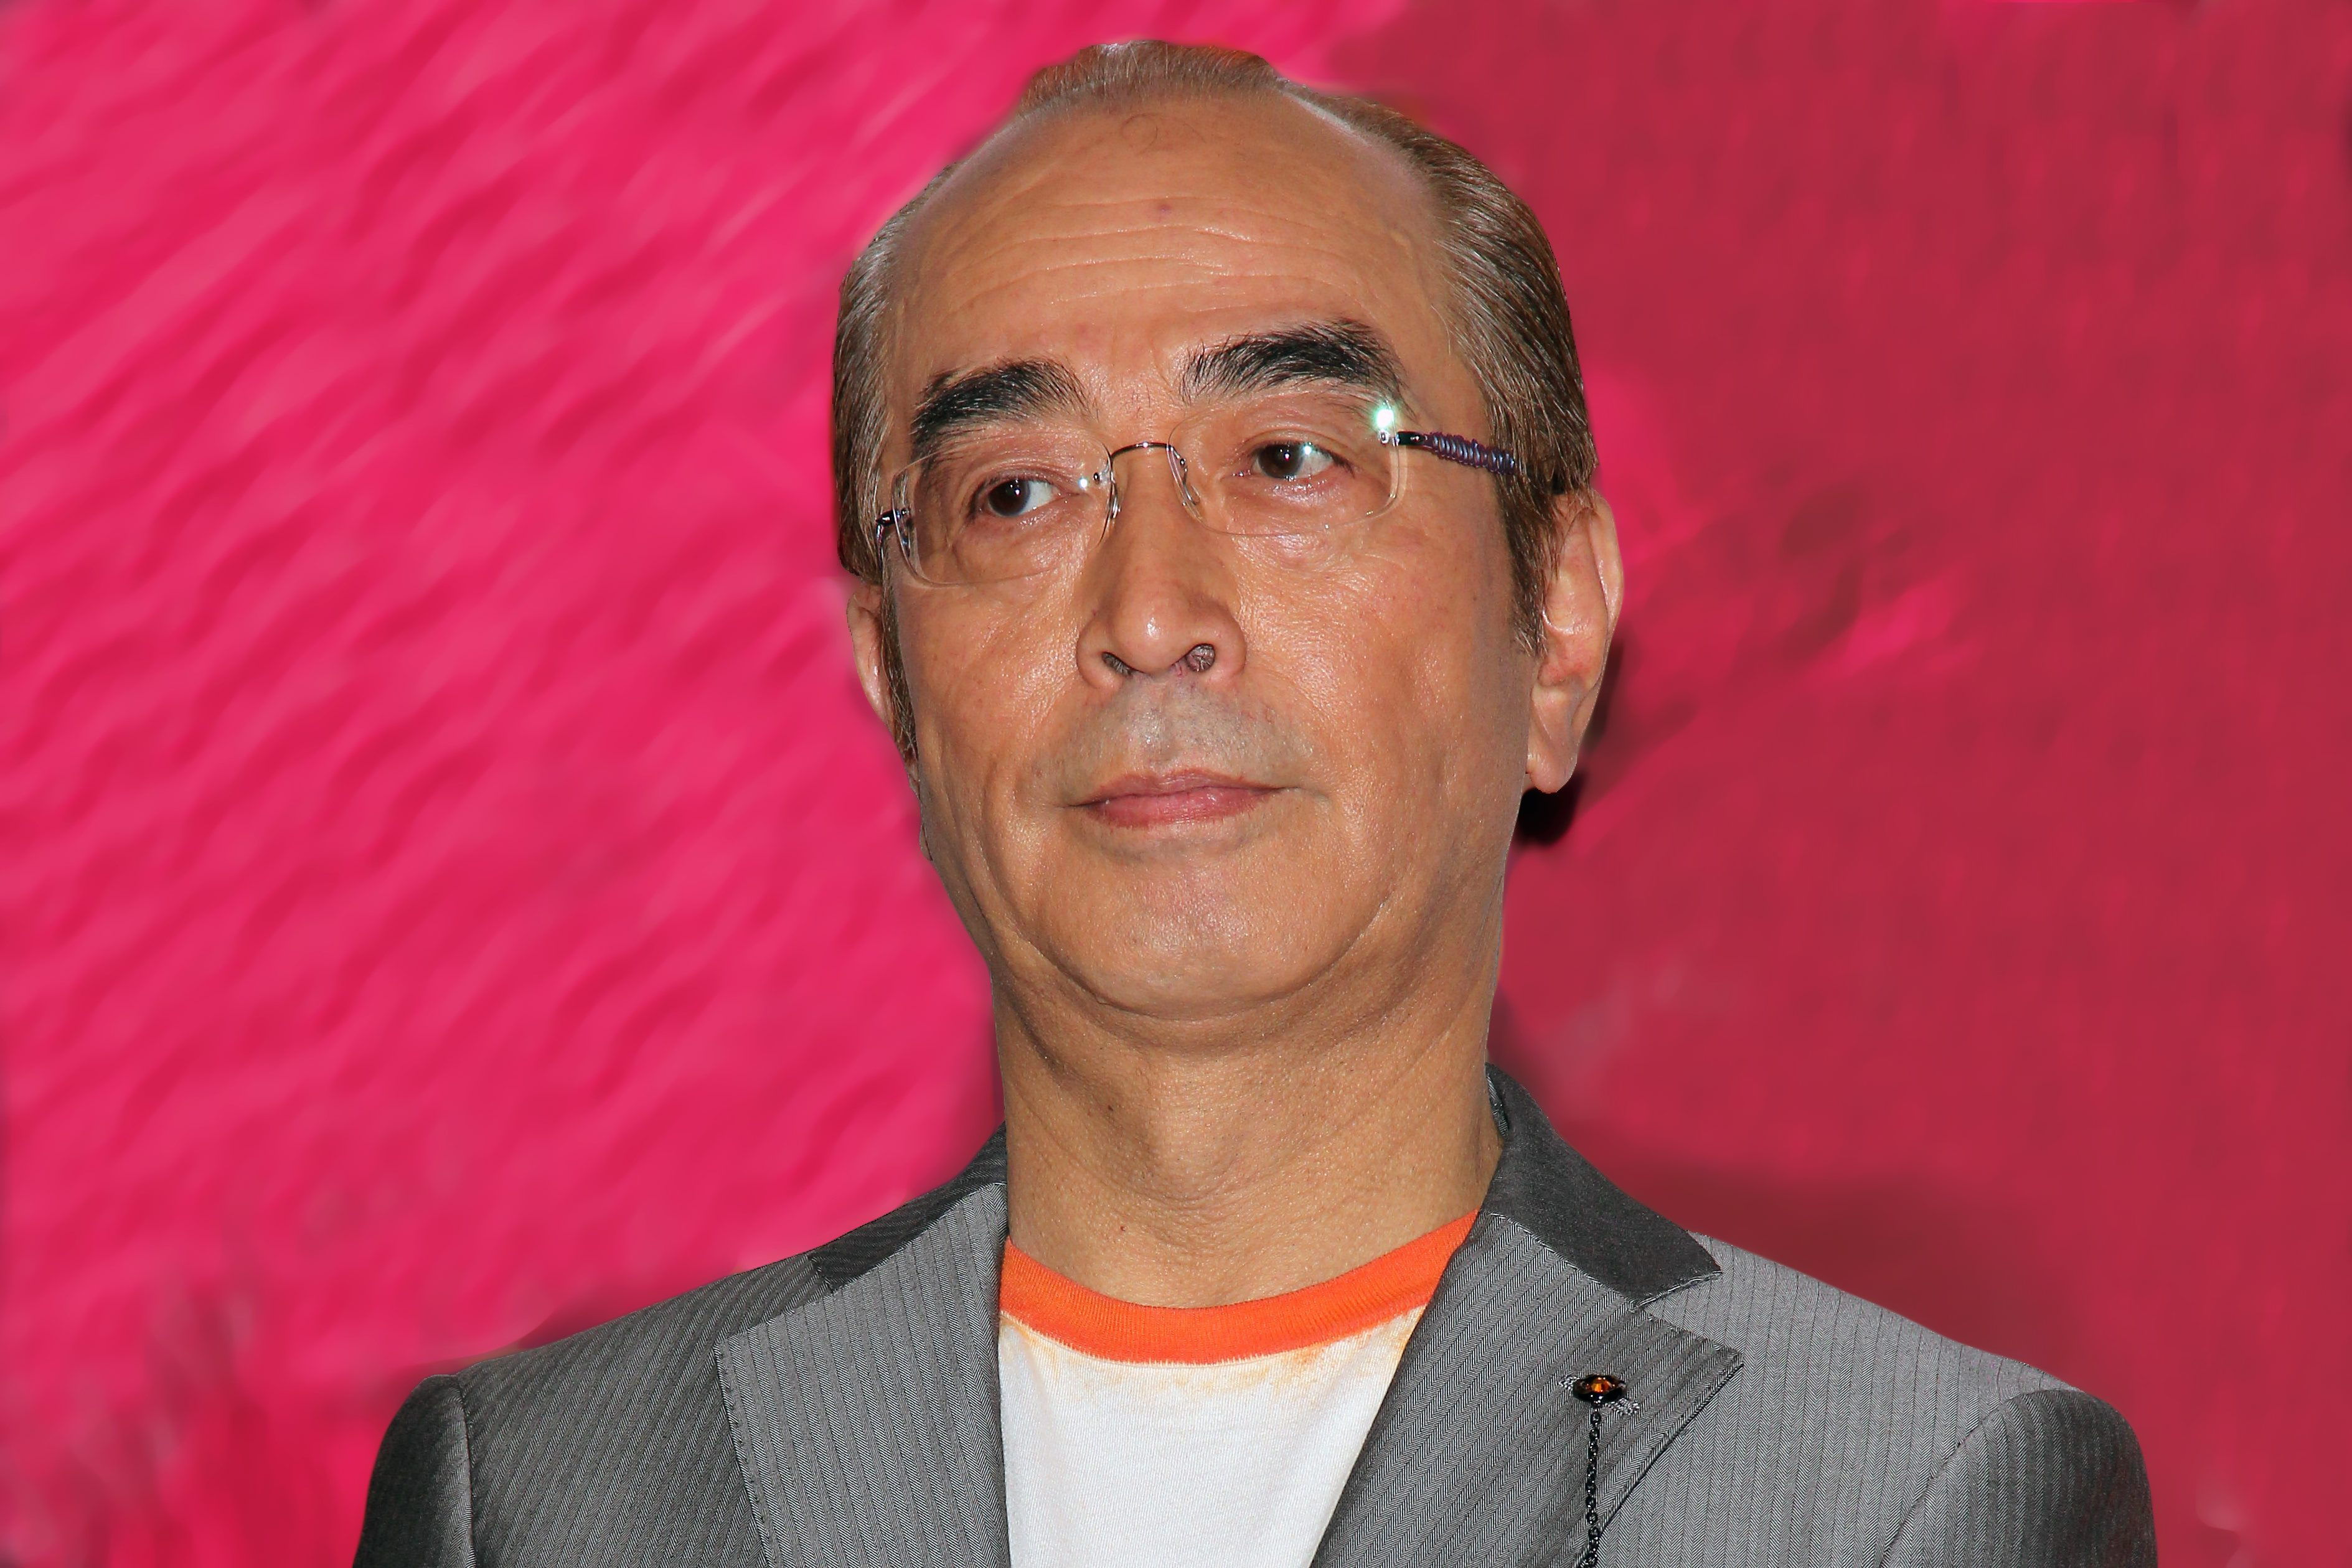 志村 2020 鶴瓶 英語禁止ボウリング2020の放送日はいつ?志村&鶴瓶の交遊録